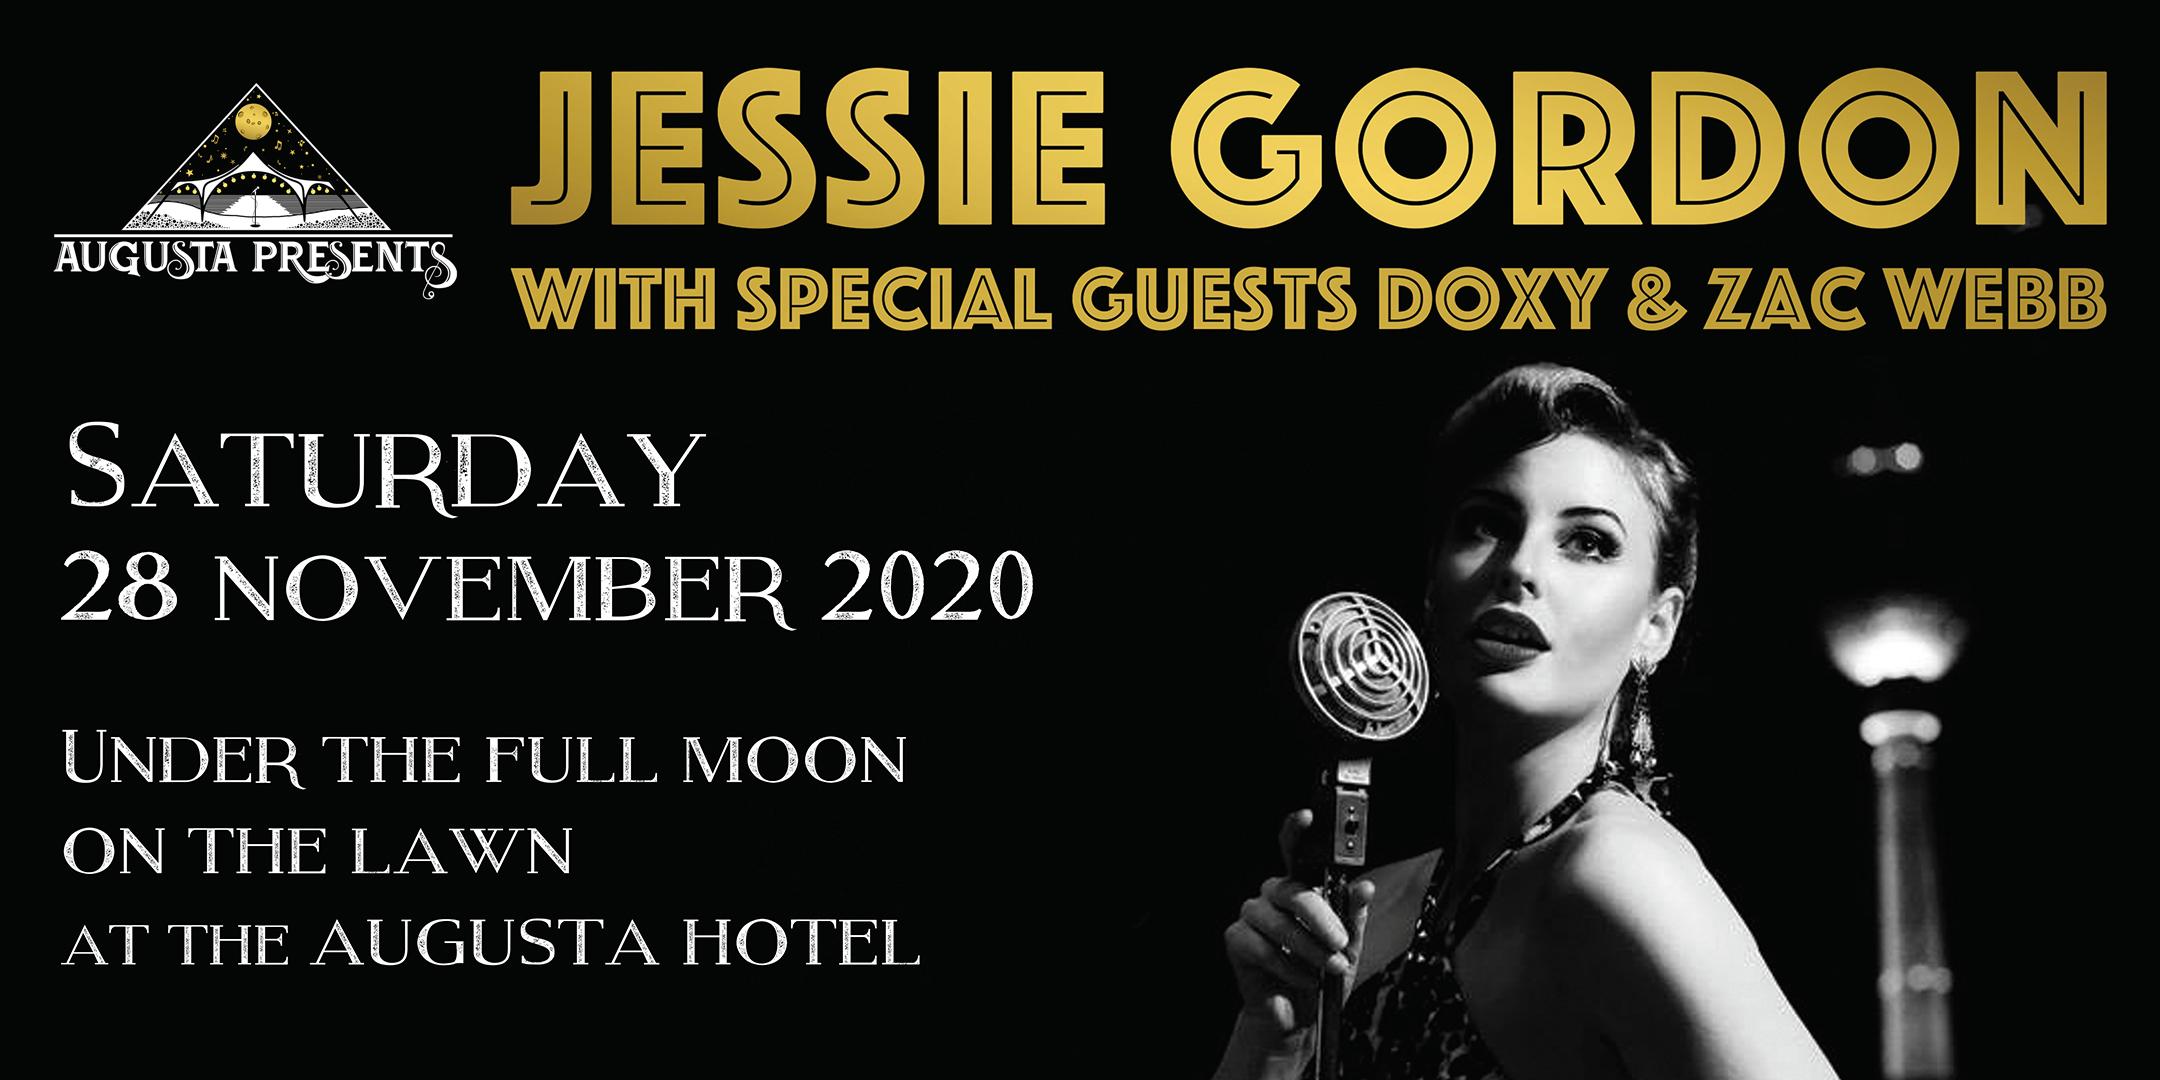 Banner for Jessie Gordon Concert in Augusta, Western Australia as a link